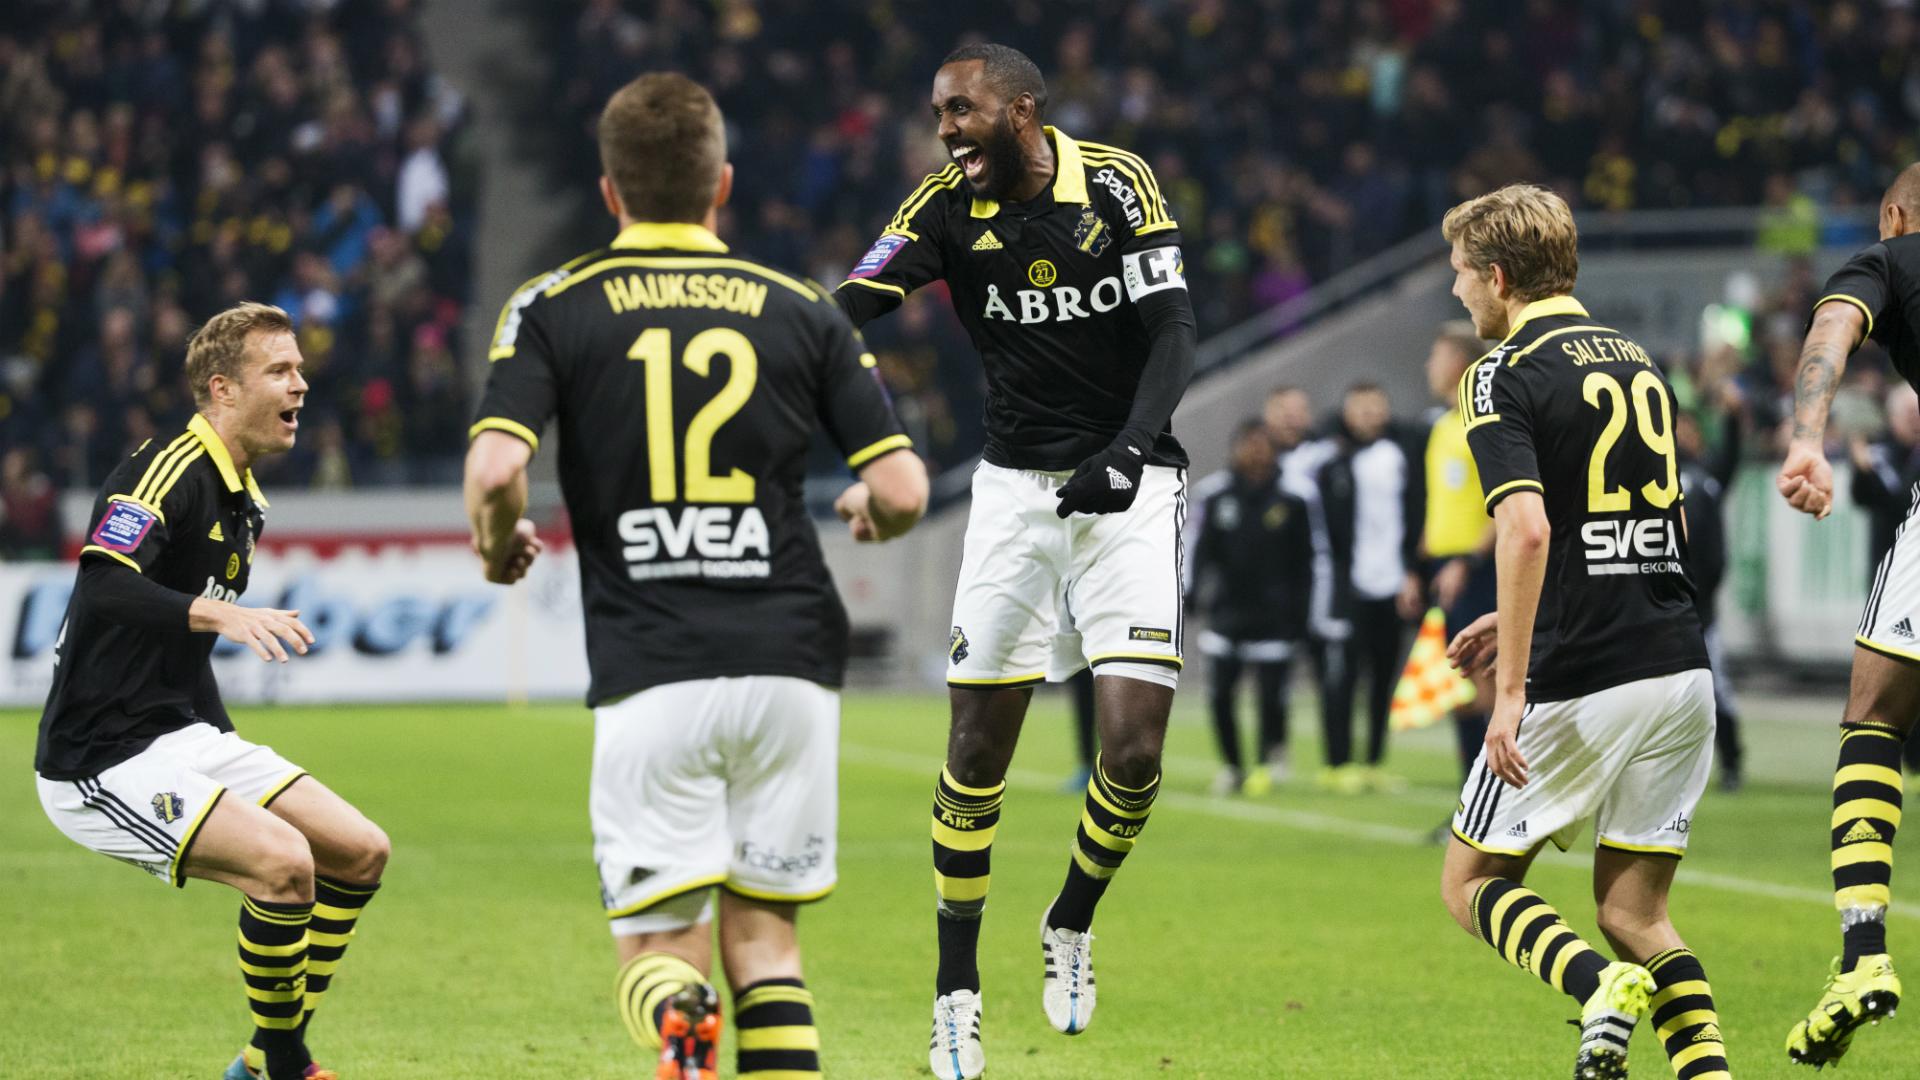 Goitom, AIK Solna